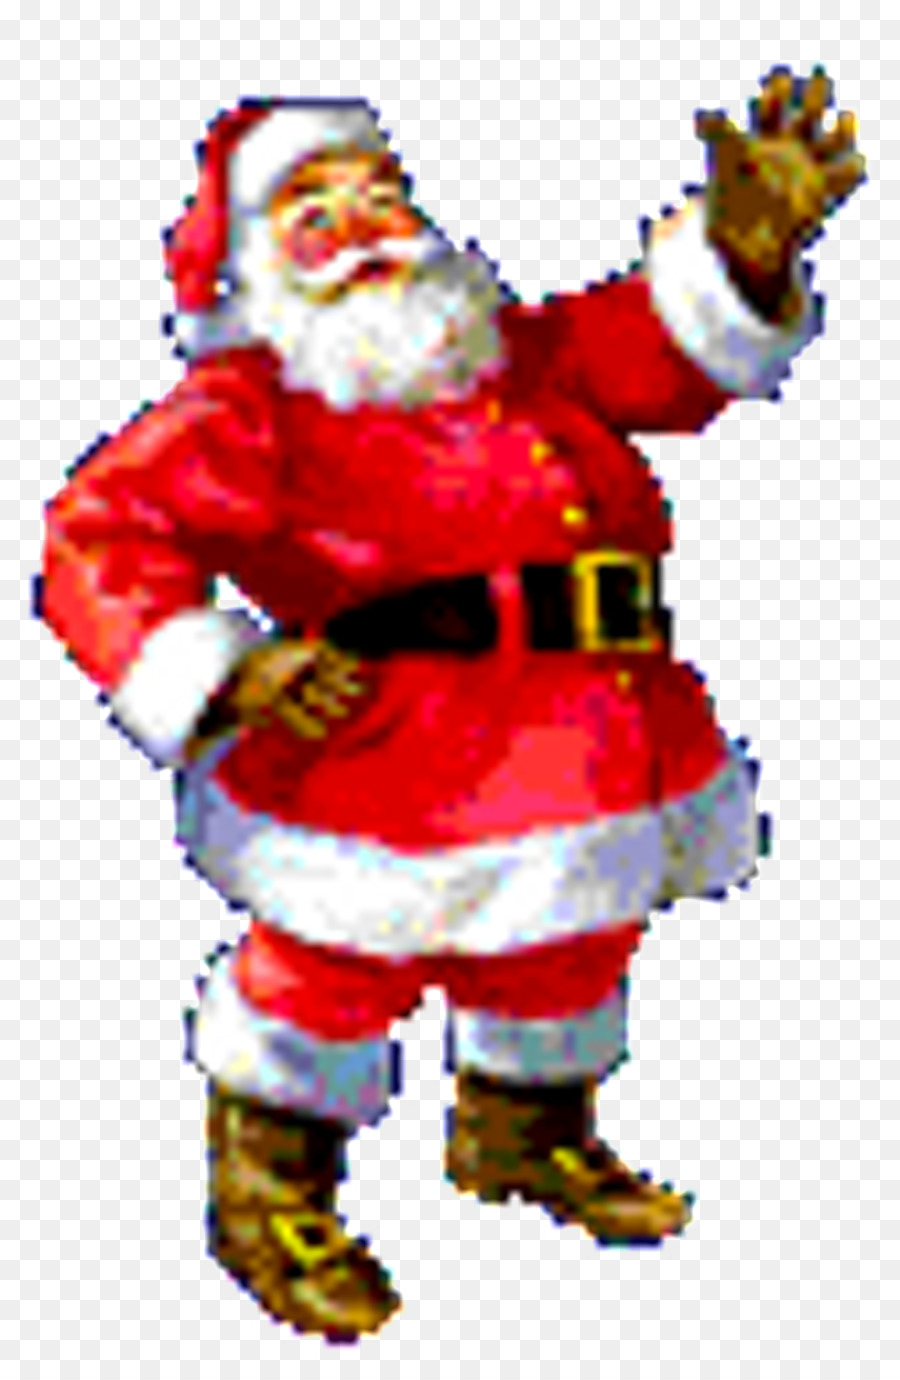 Descarga gratuita de Santa Claus, La Señora Claus, Christmas Day imágenes PNG